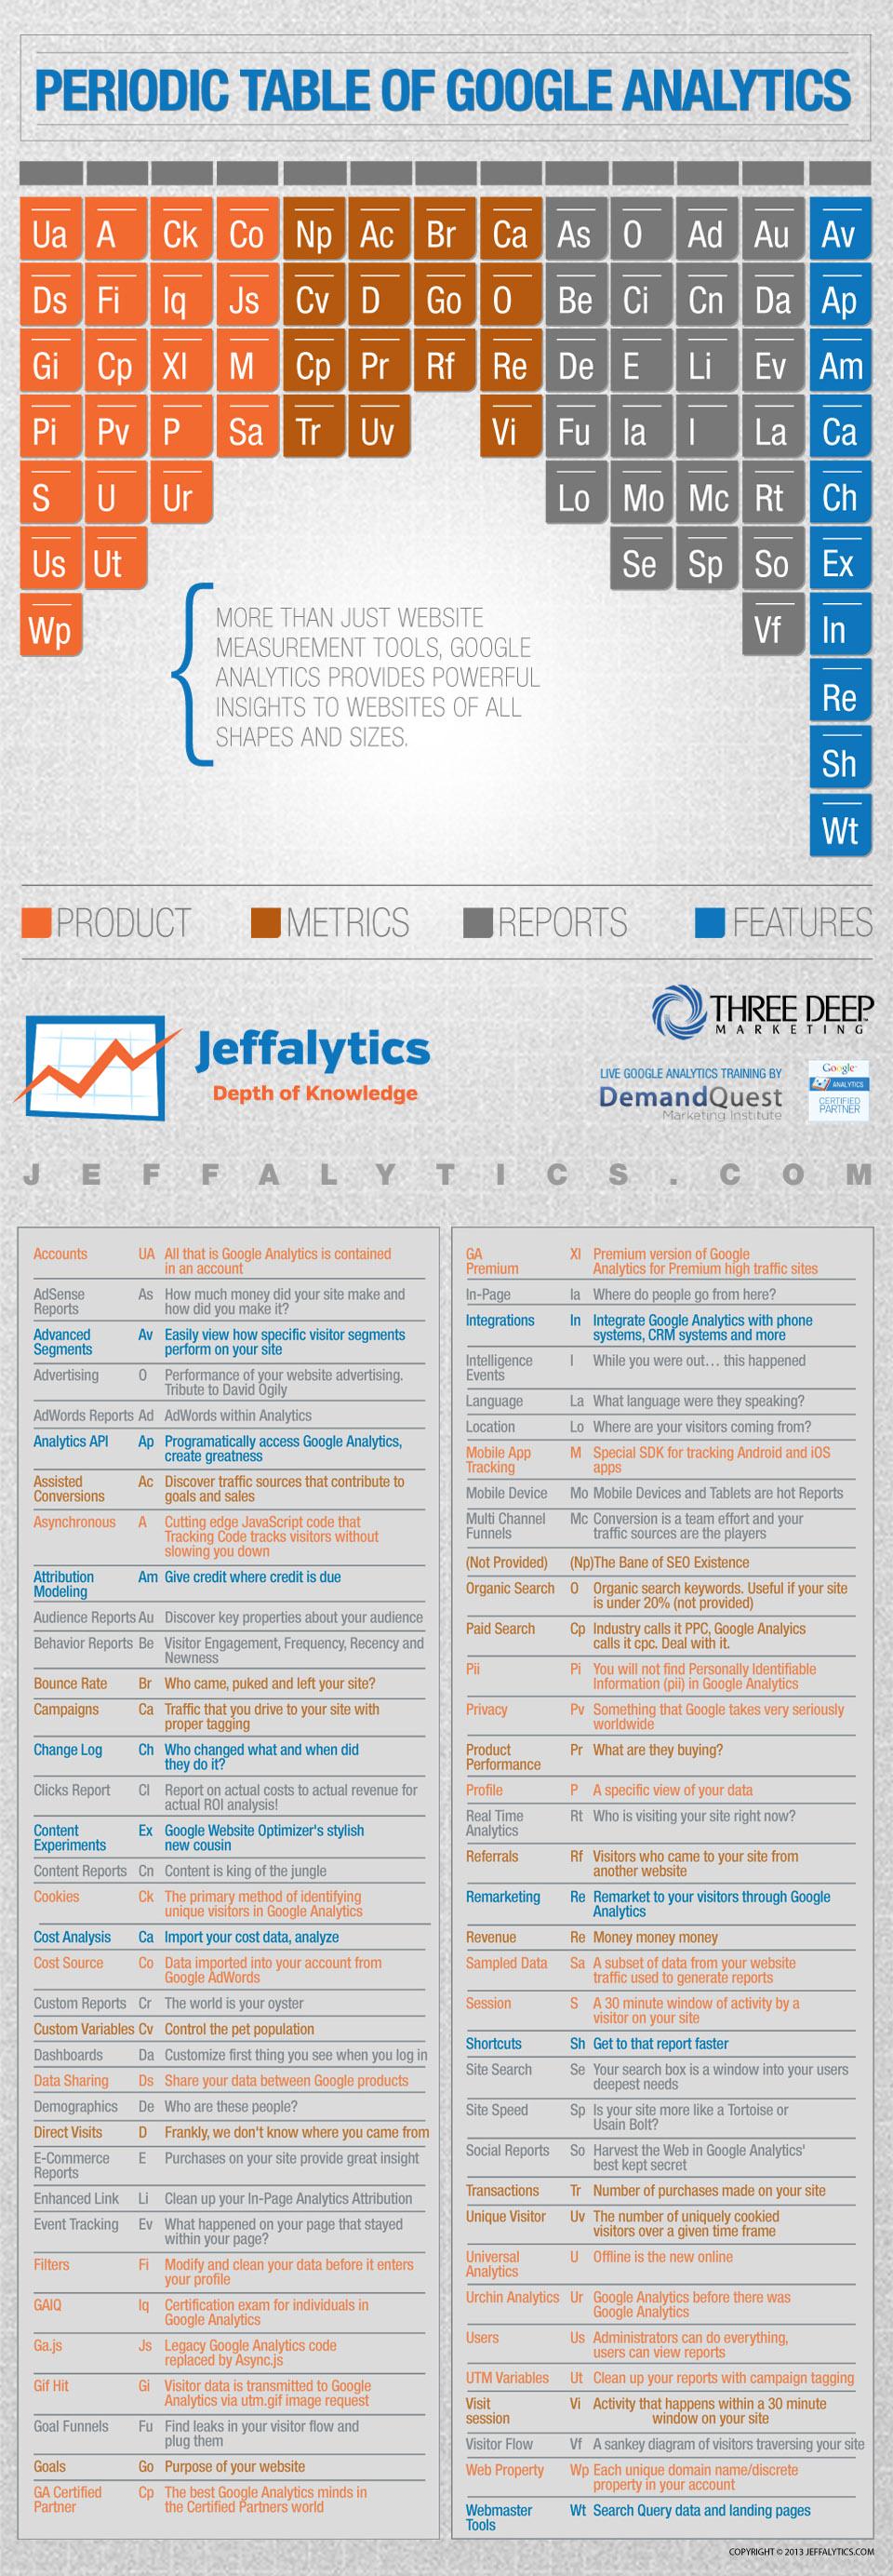 La increible tabla periódica de Google Analytics